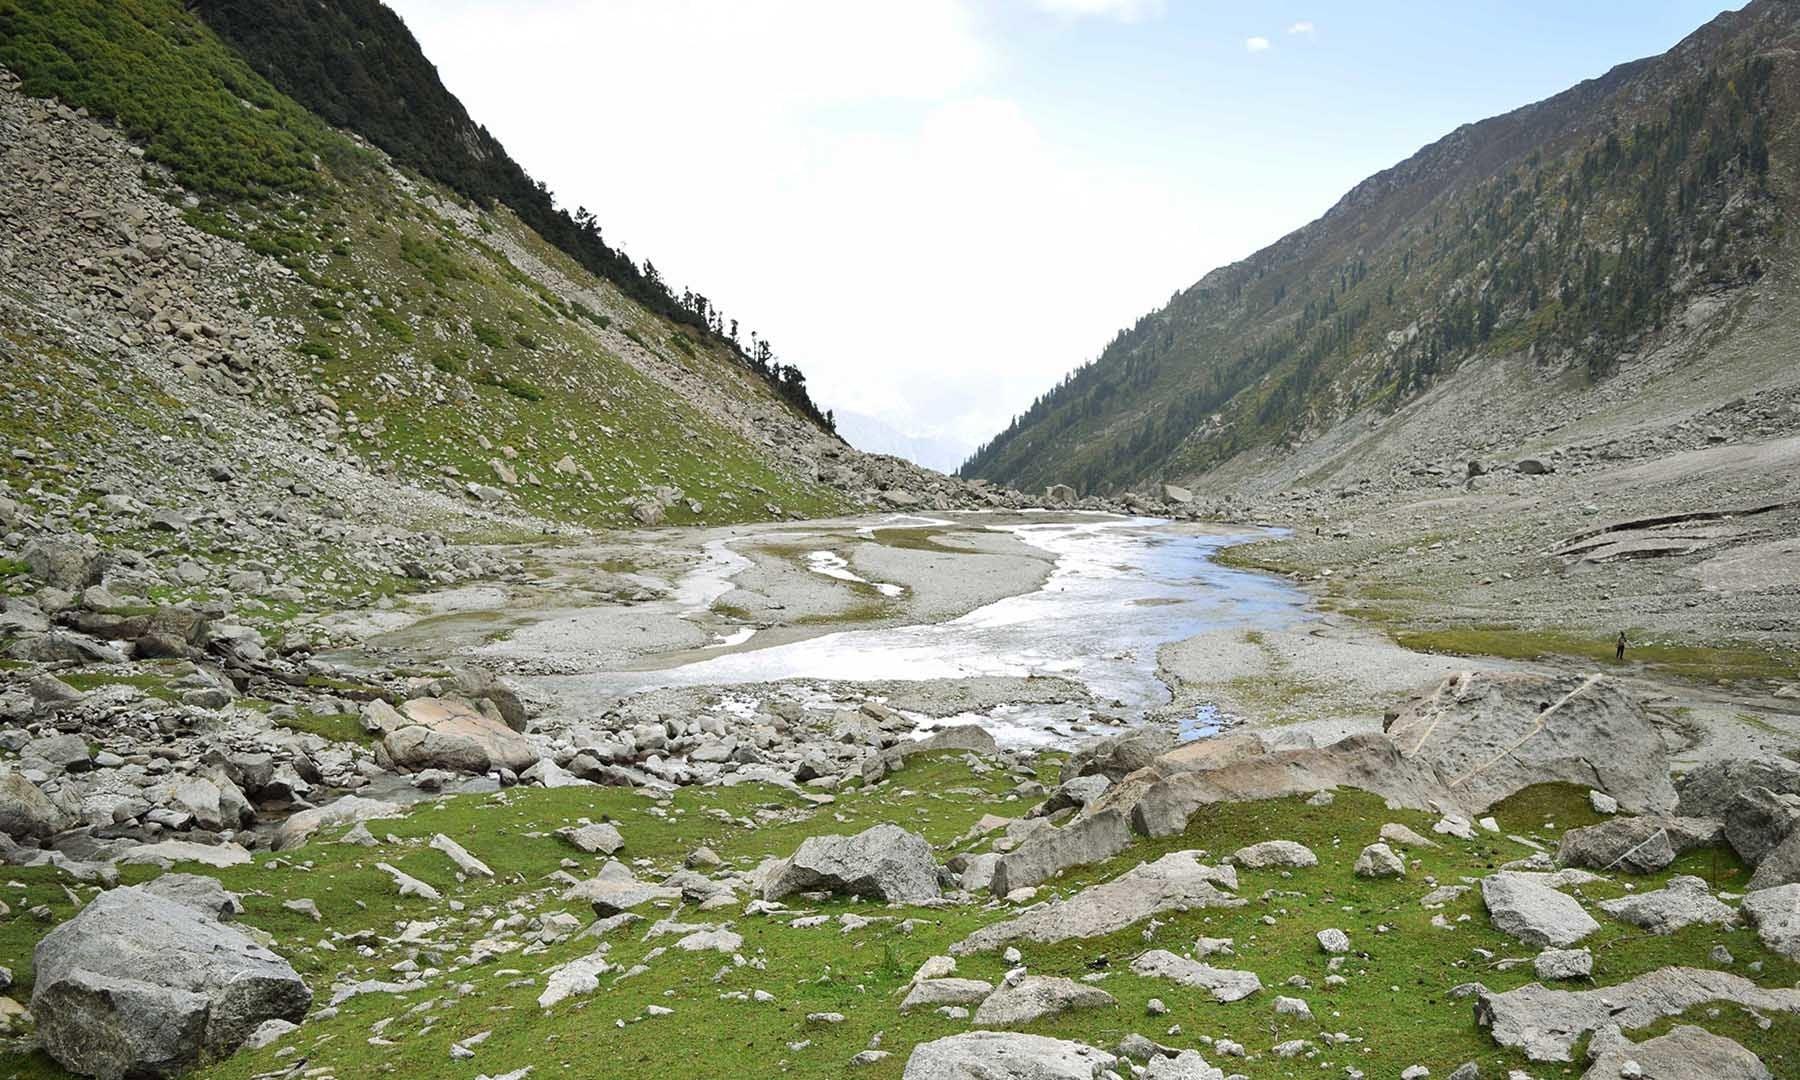 سبز جھیل 2010ء کے بدترین سیلاب کے بعد ریت سے بھر چکی ہے — تصویر امجد علی سحاب